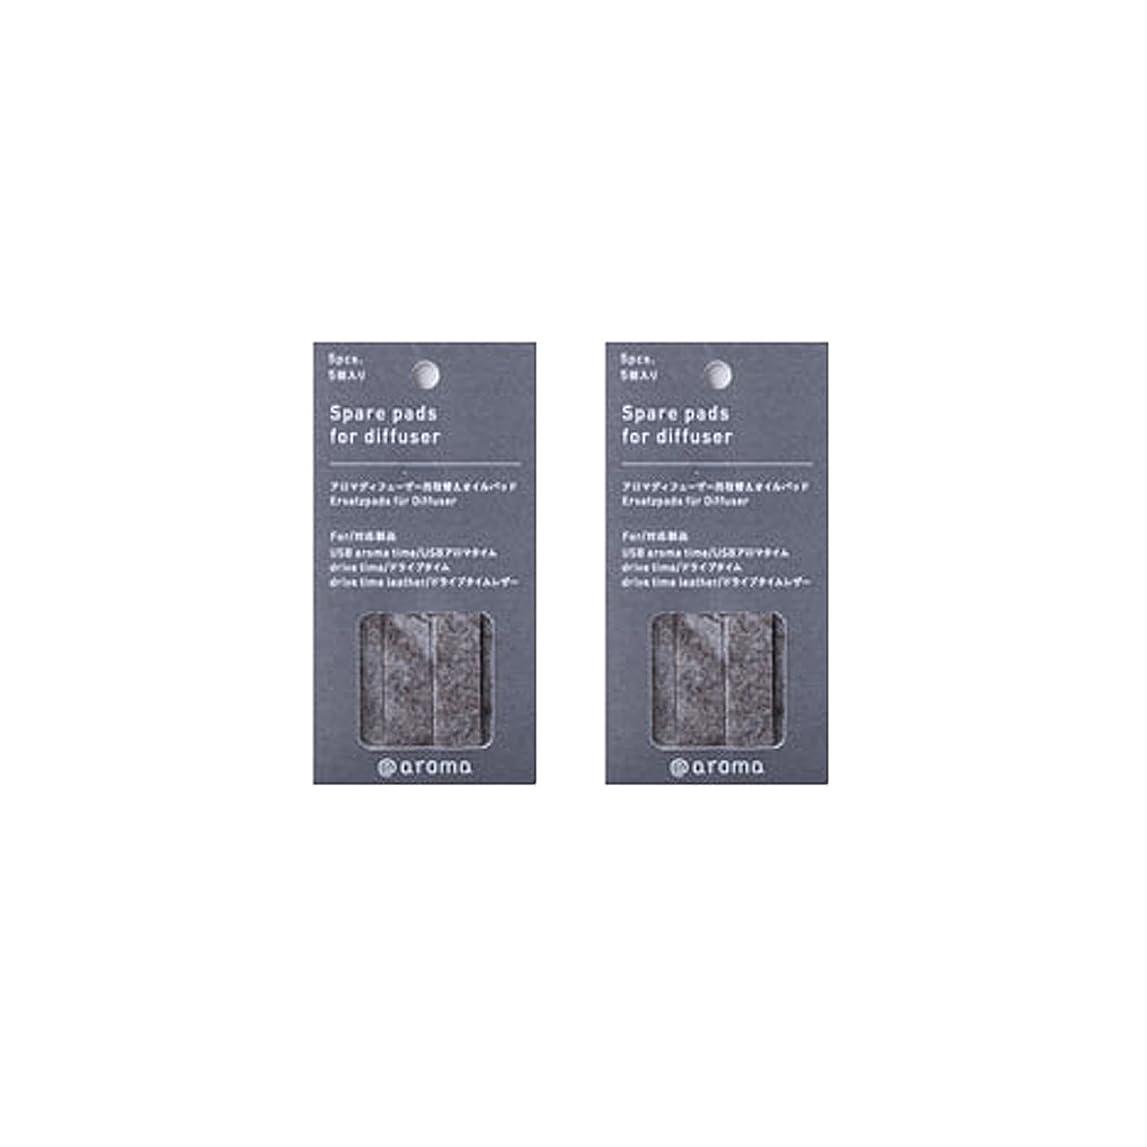 アットアロマ 取替えオイルパッド 5枚入 (2個セット) (ドライブタイム/USBアロマタイム用)